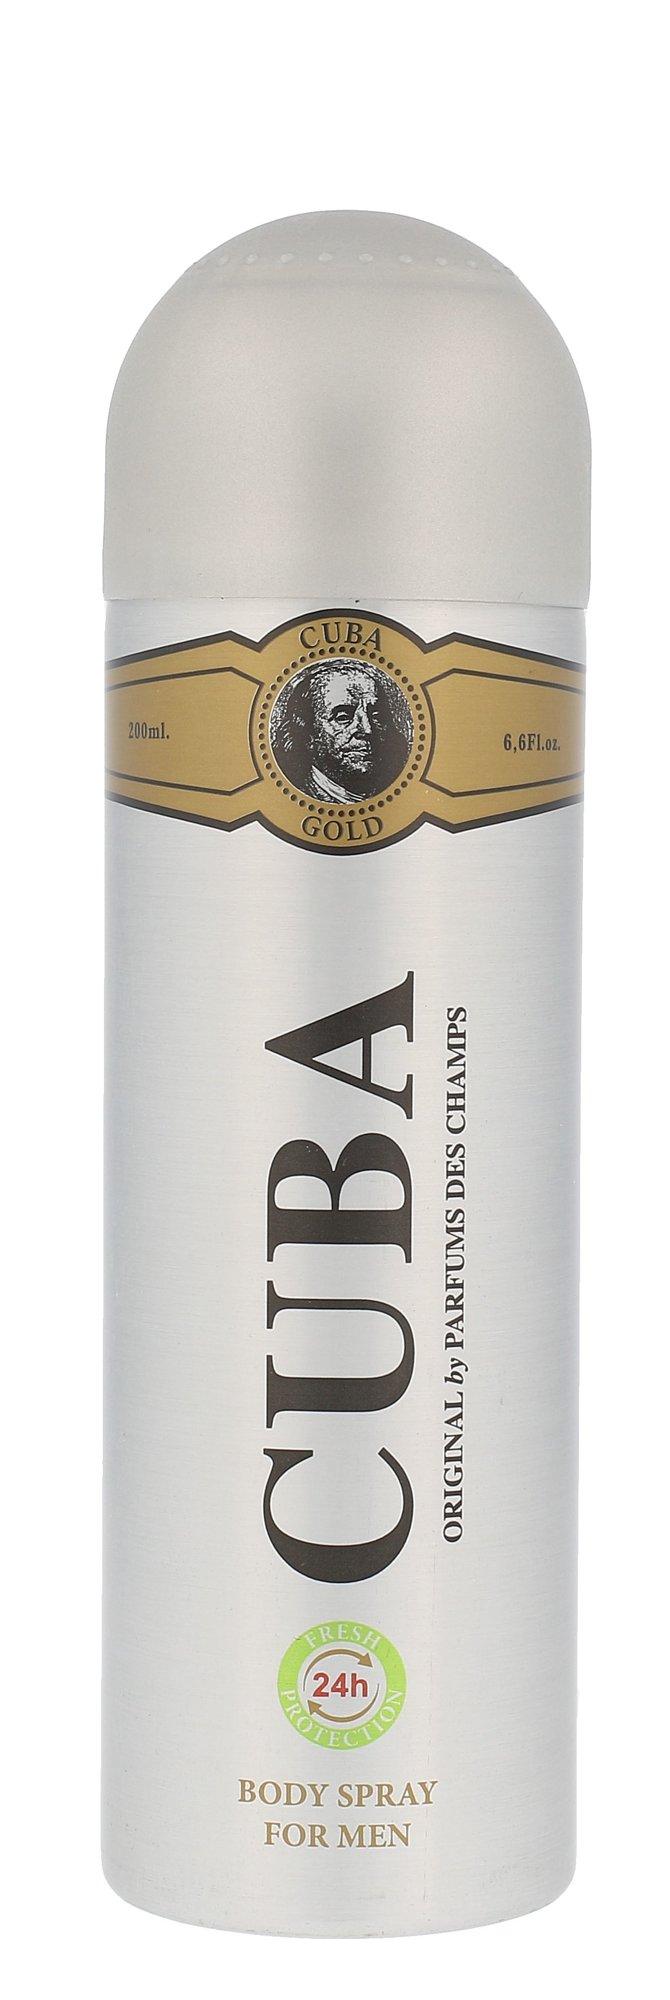 Cuba Gold Deodorant 200ml